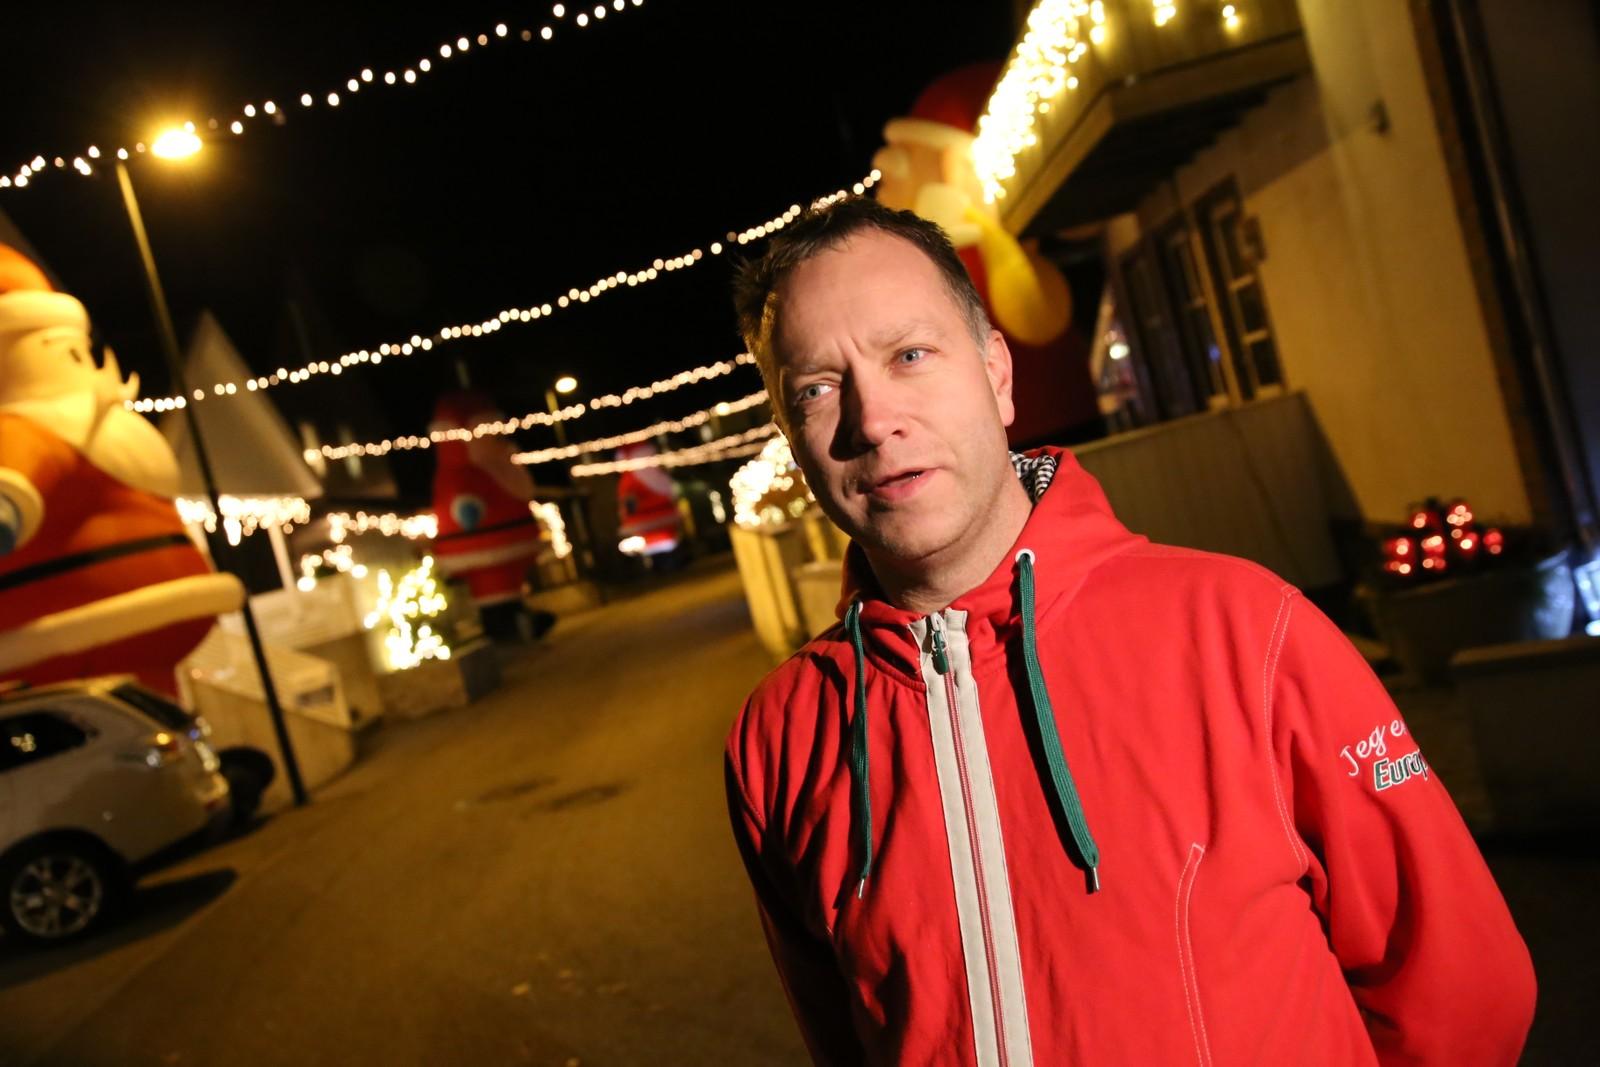 Robert Håland frå Randaberg er pådrivaren for at gata han bur i skal vera den mest julete i heile fylket.